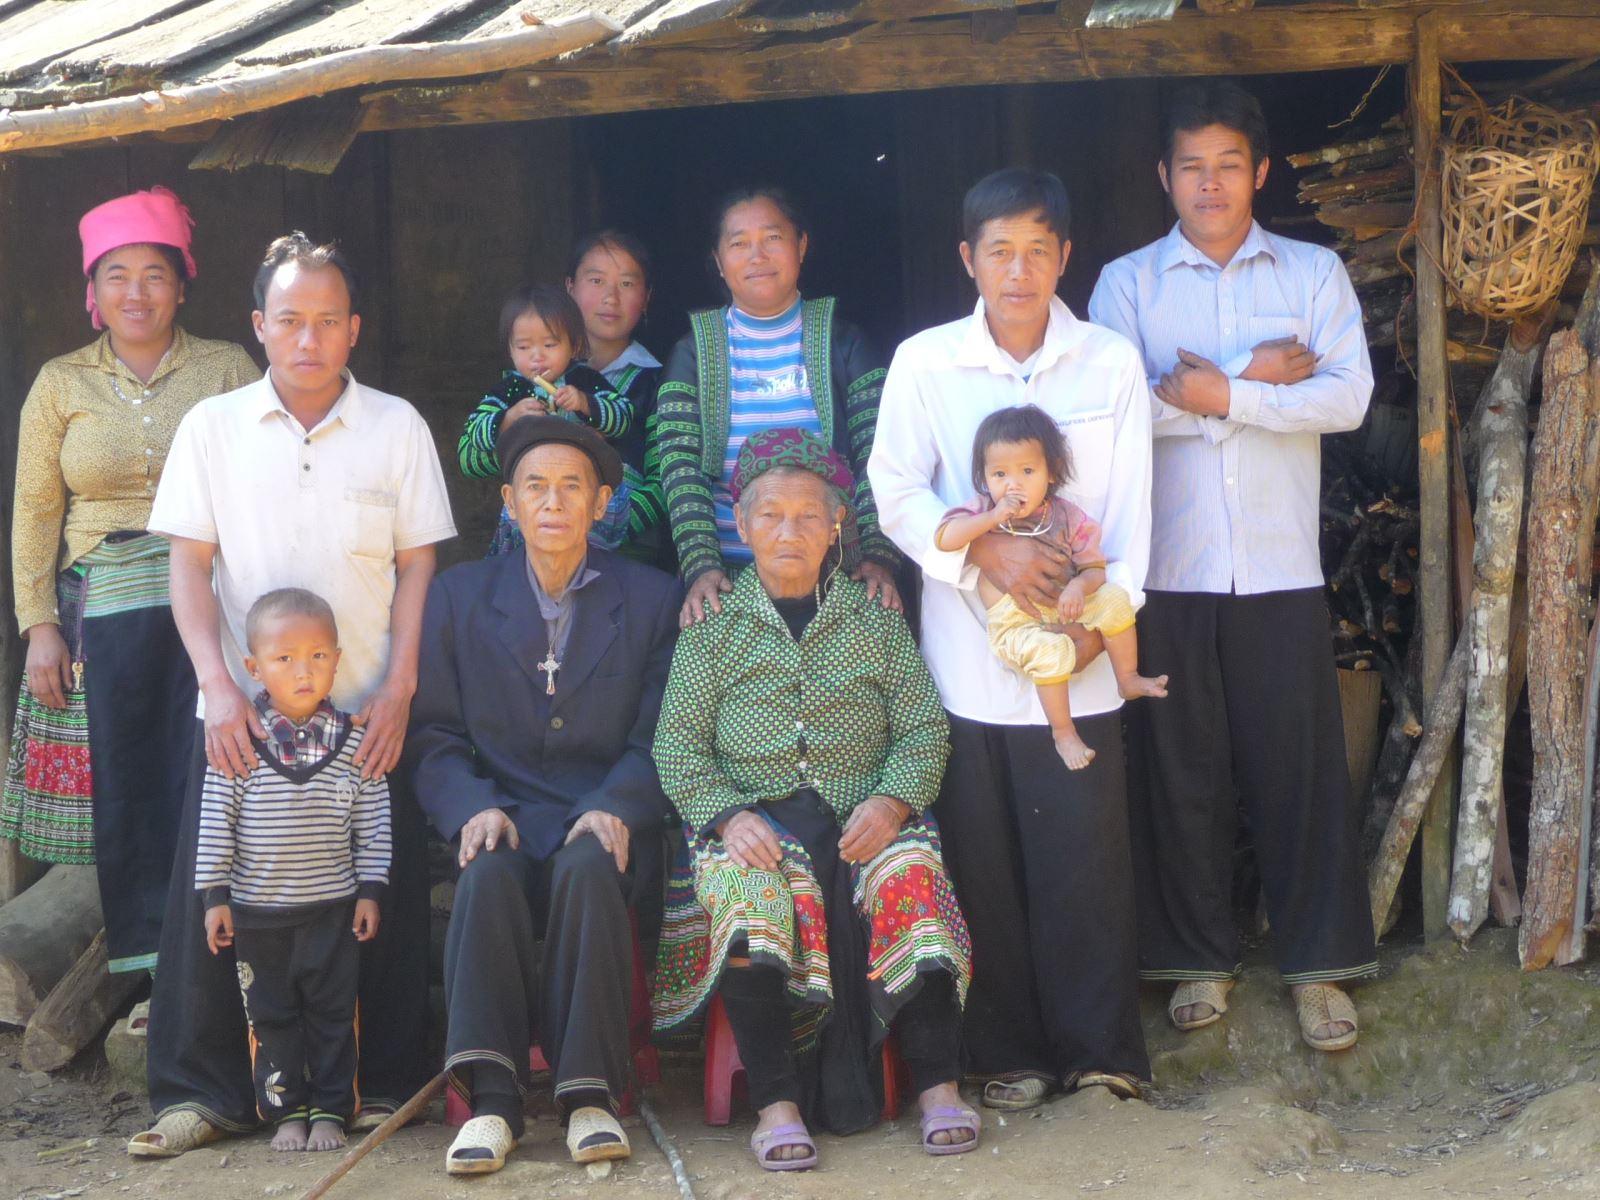 Hôn nhân và gia đình của người H'Mông trong viễn ảnh mục vụ - Ảnh minh hoạ 5